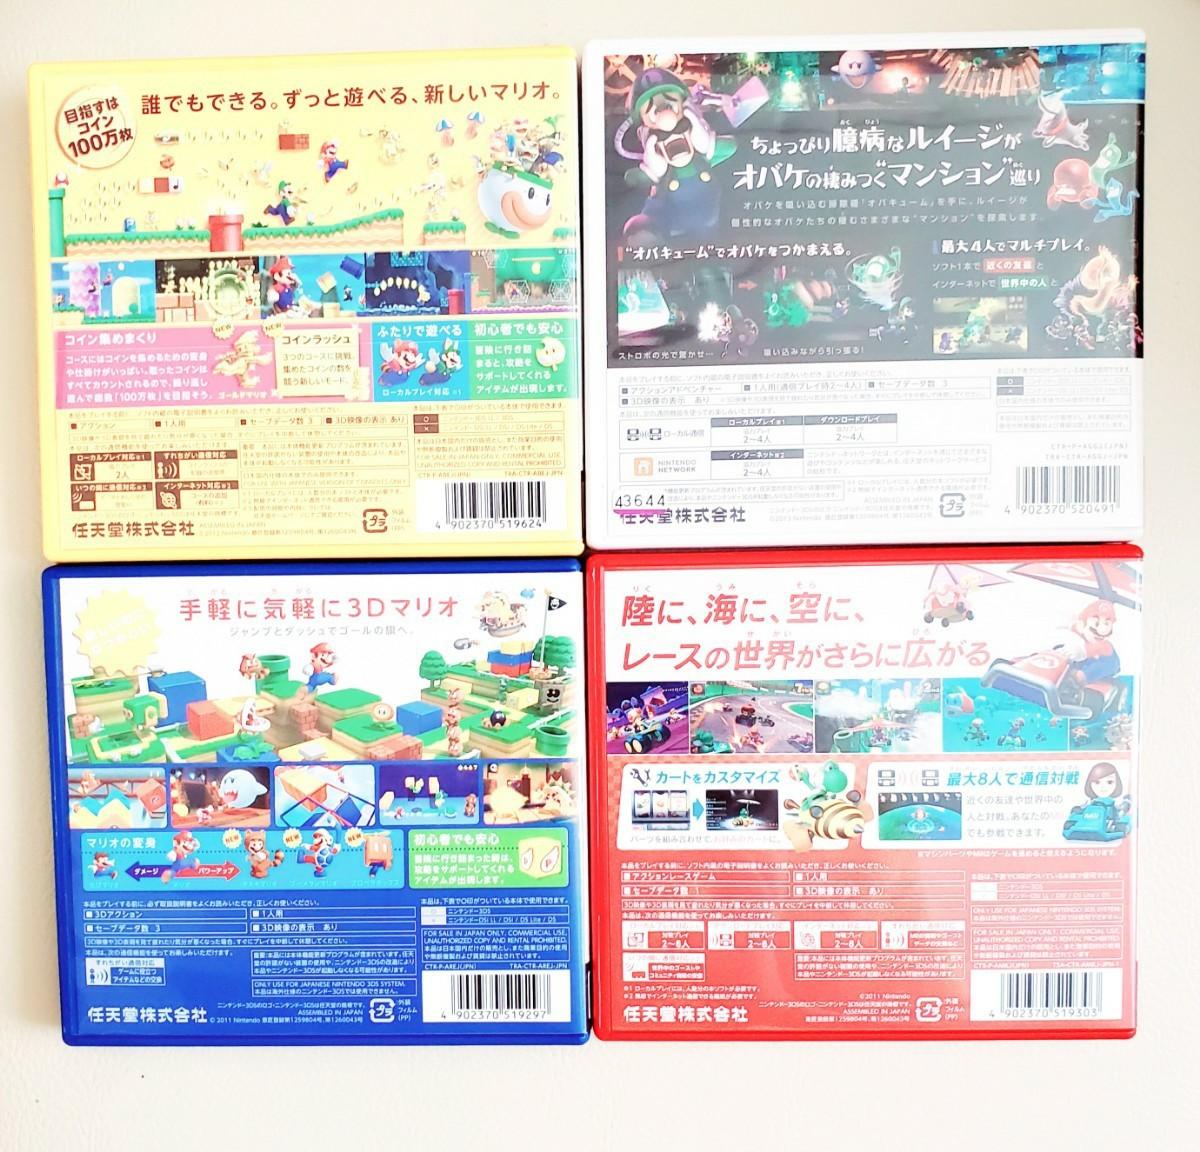 ニュースーパーマリオブラザーズ2 マリオカート7   スーパーマリオ3Dランド ルイージマンション2  ニンテンドー3ds